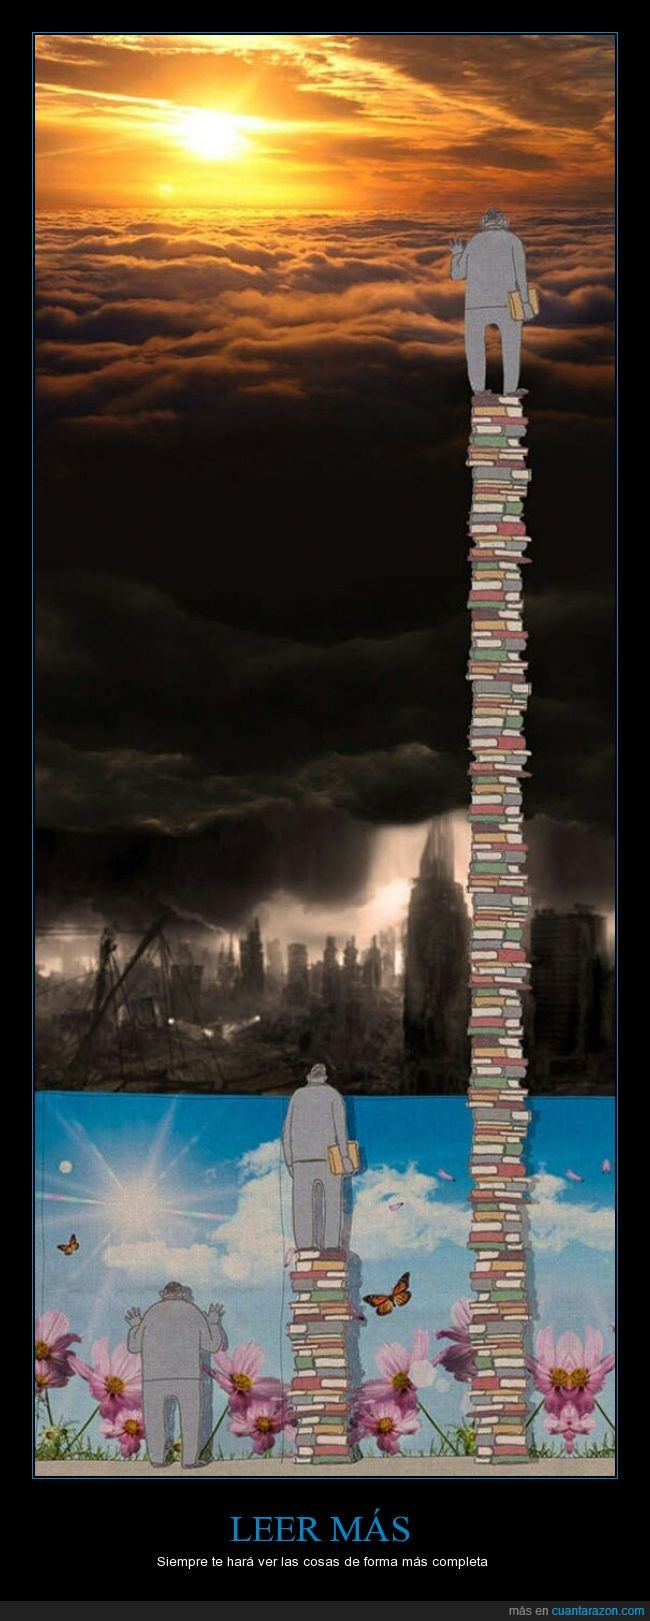 cielo,felicidad,instrucción,Lectura,leer,libros,mundo,reflexión,universo,vision